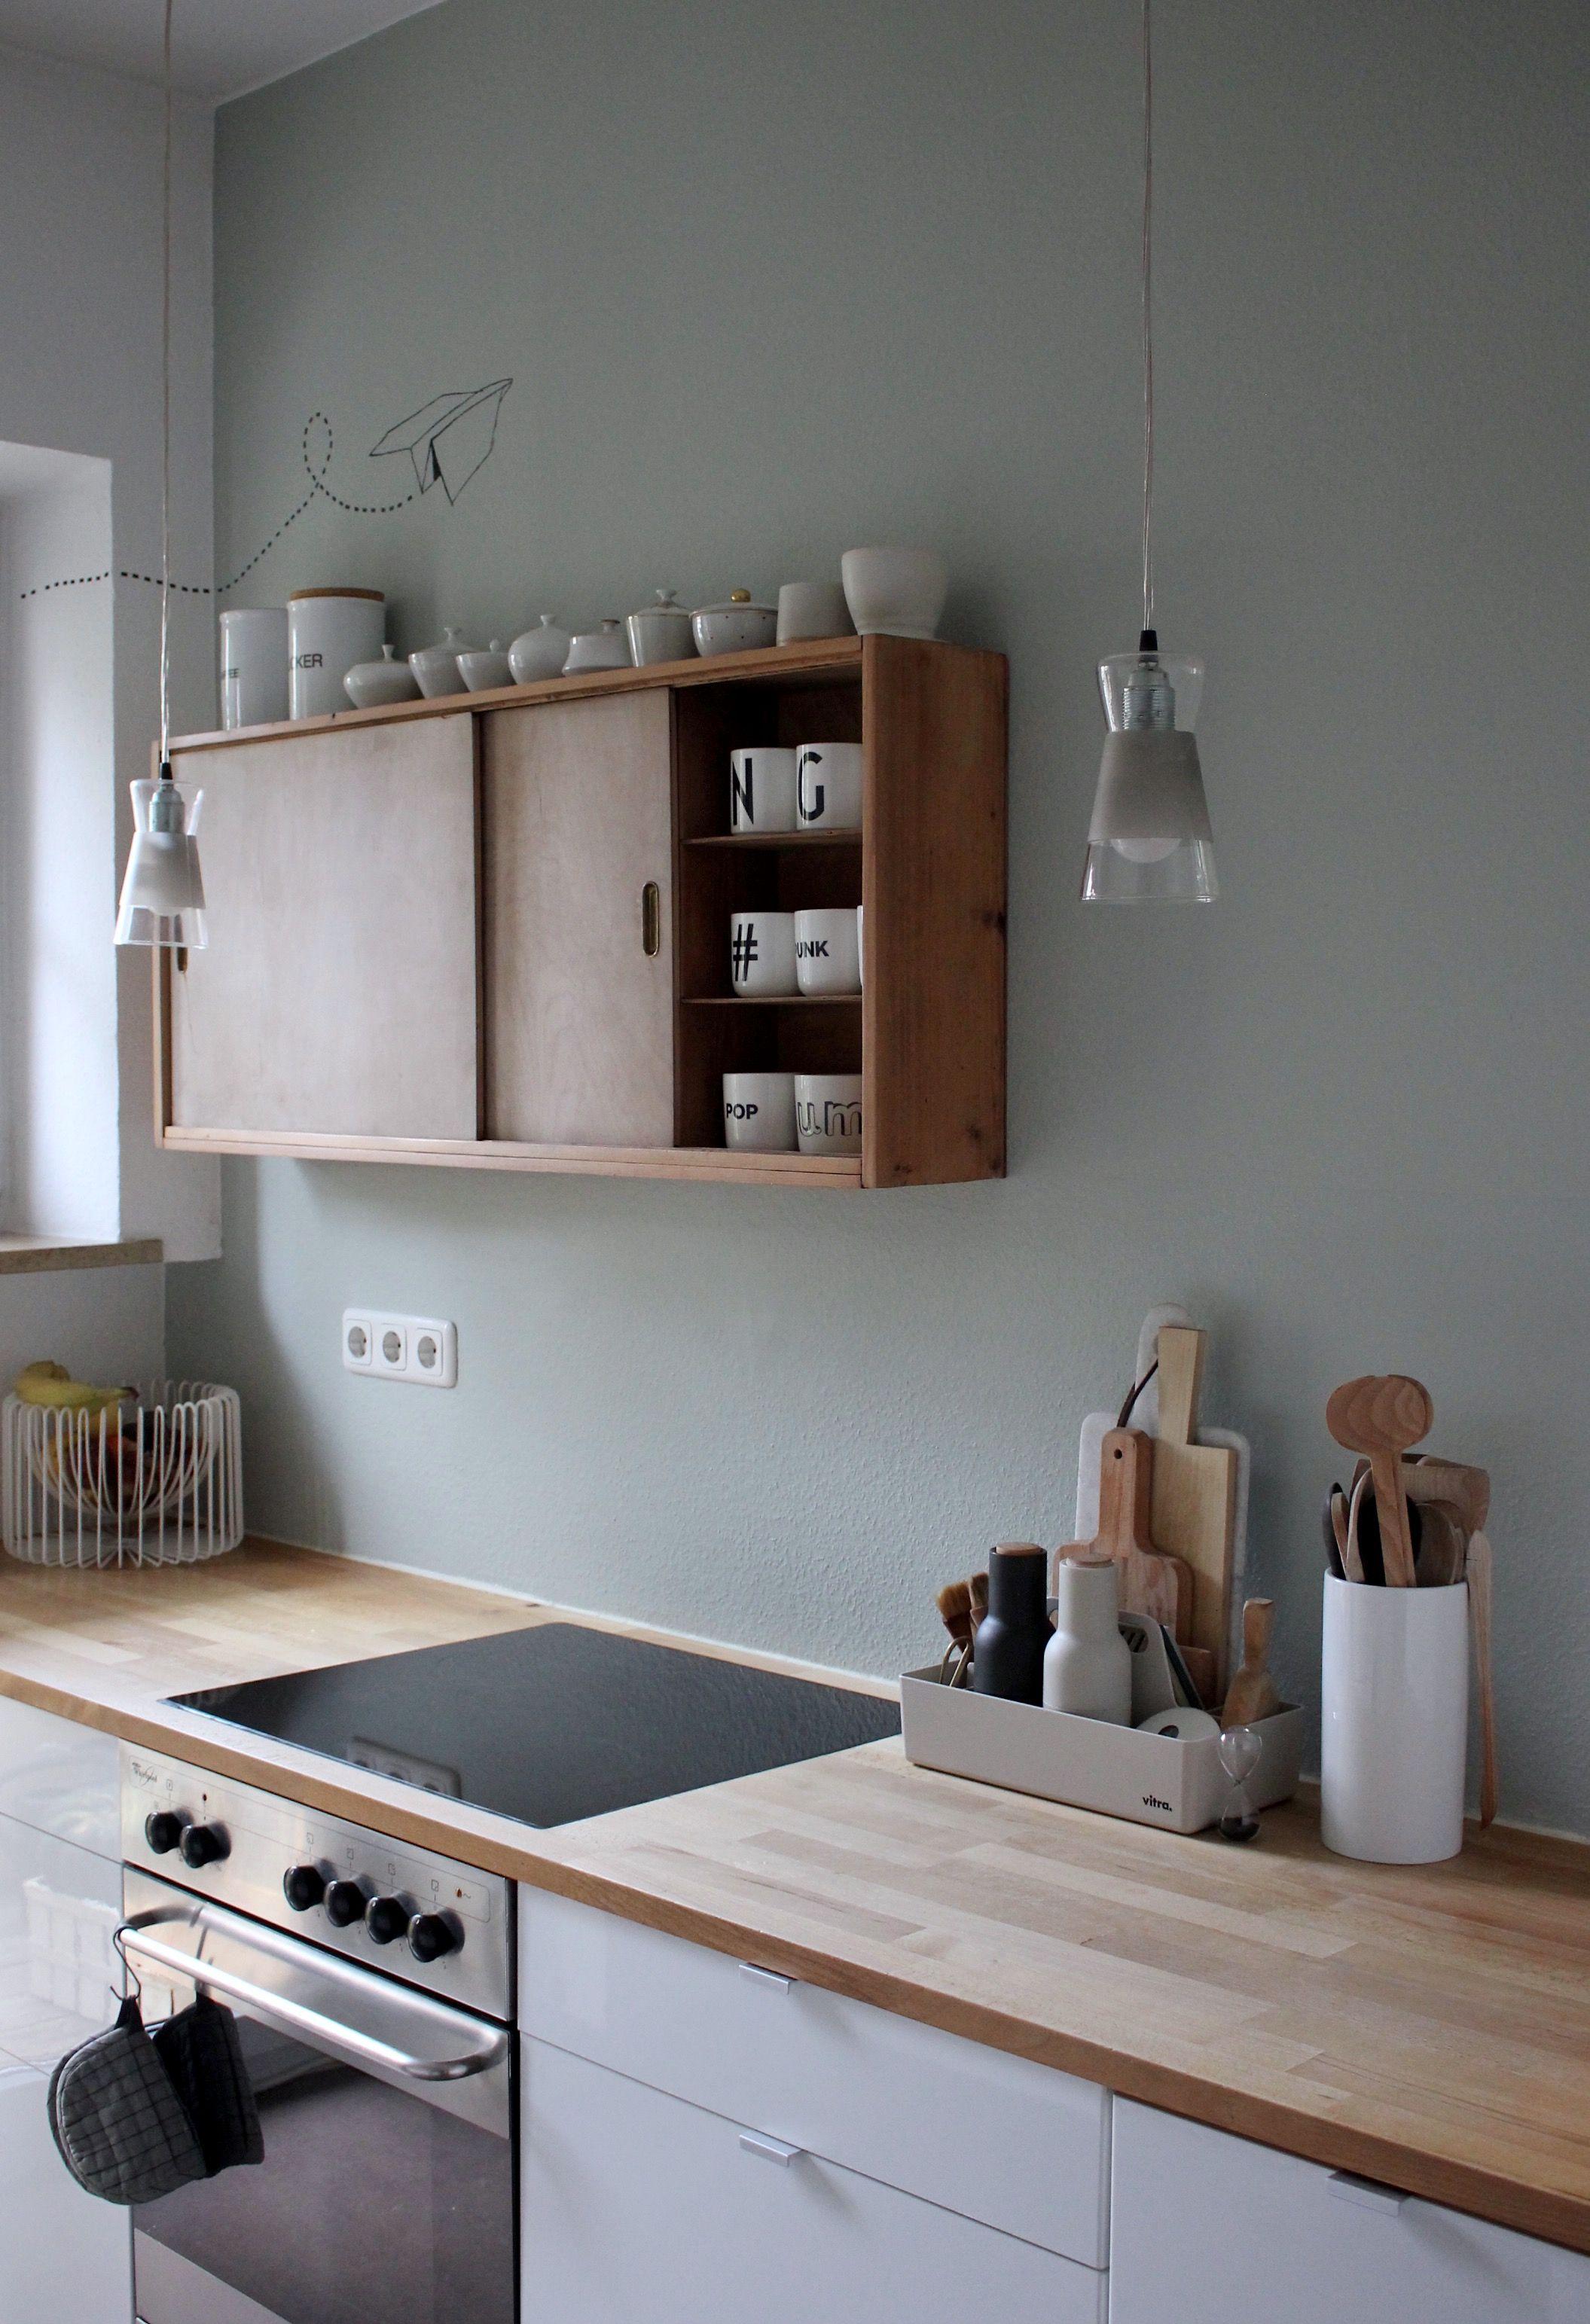 Salbei Mit Holz Tolle Kombination In Der Kuche Cuisine Moderne Cuisine Minimaliste Cuisine Appartement